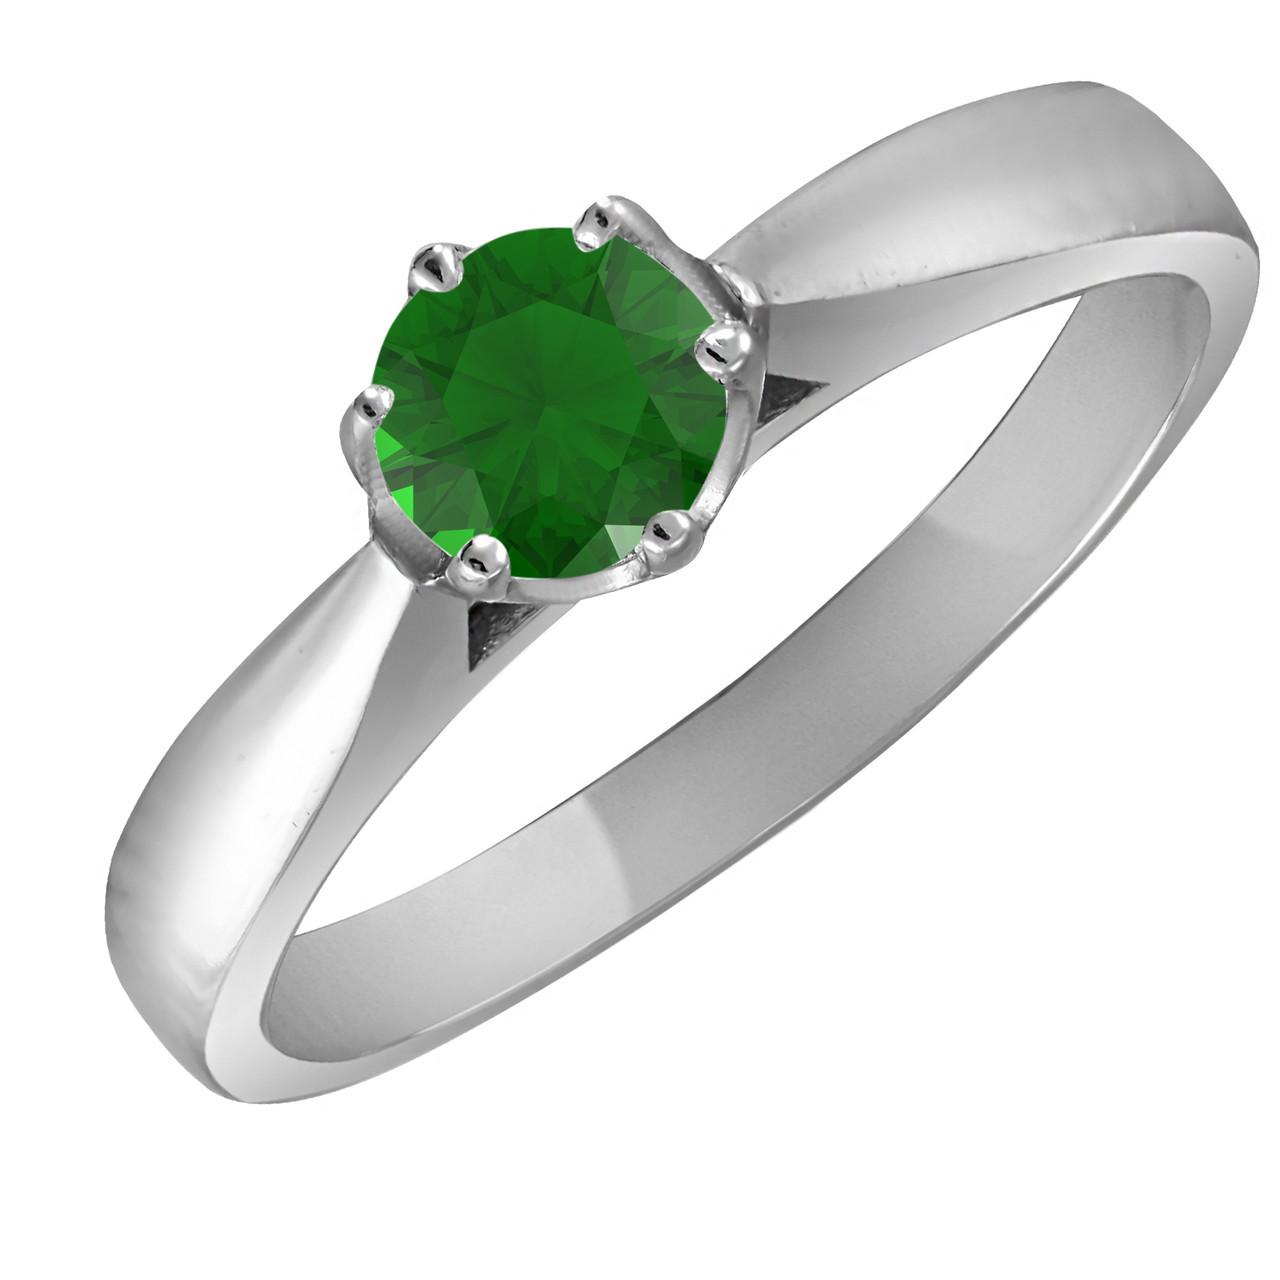 Кольцо из серебра с зелёным цирконием Twiddle Jewelry 16.0 (К015з-16.0)